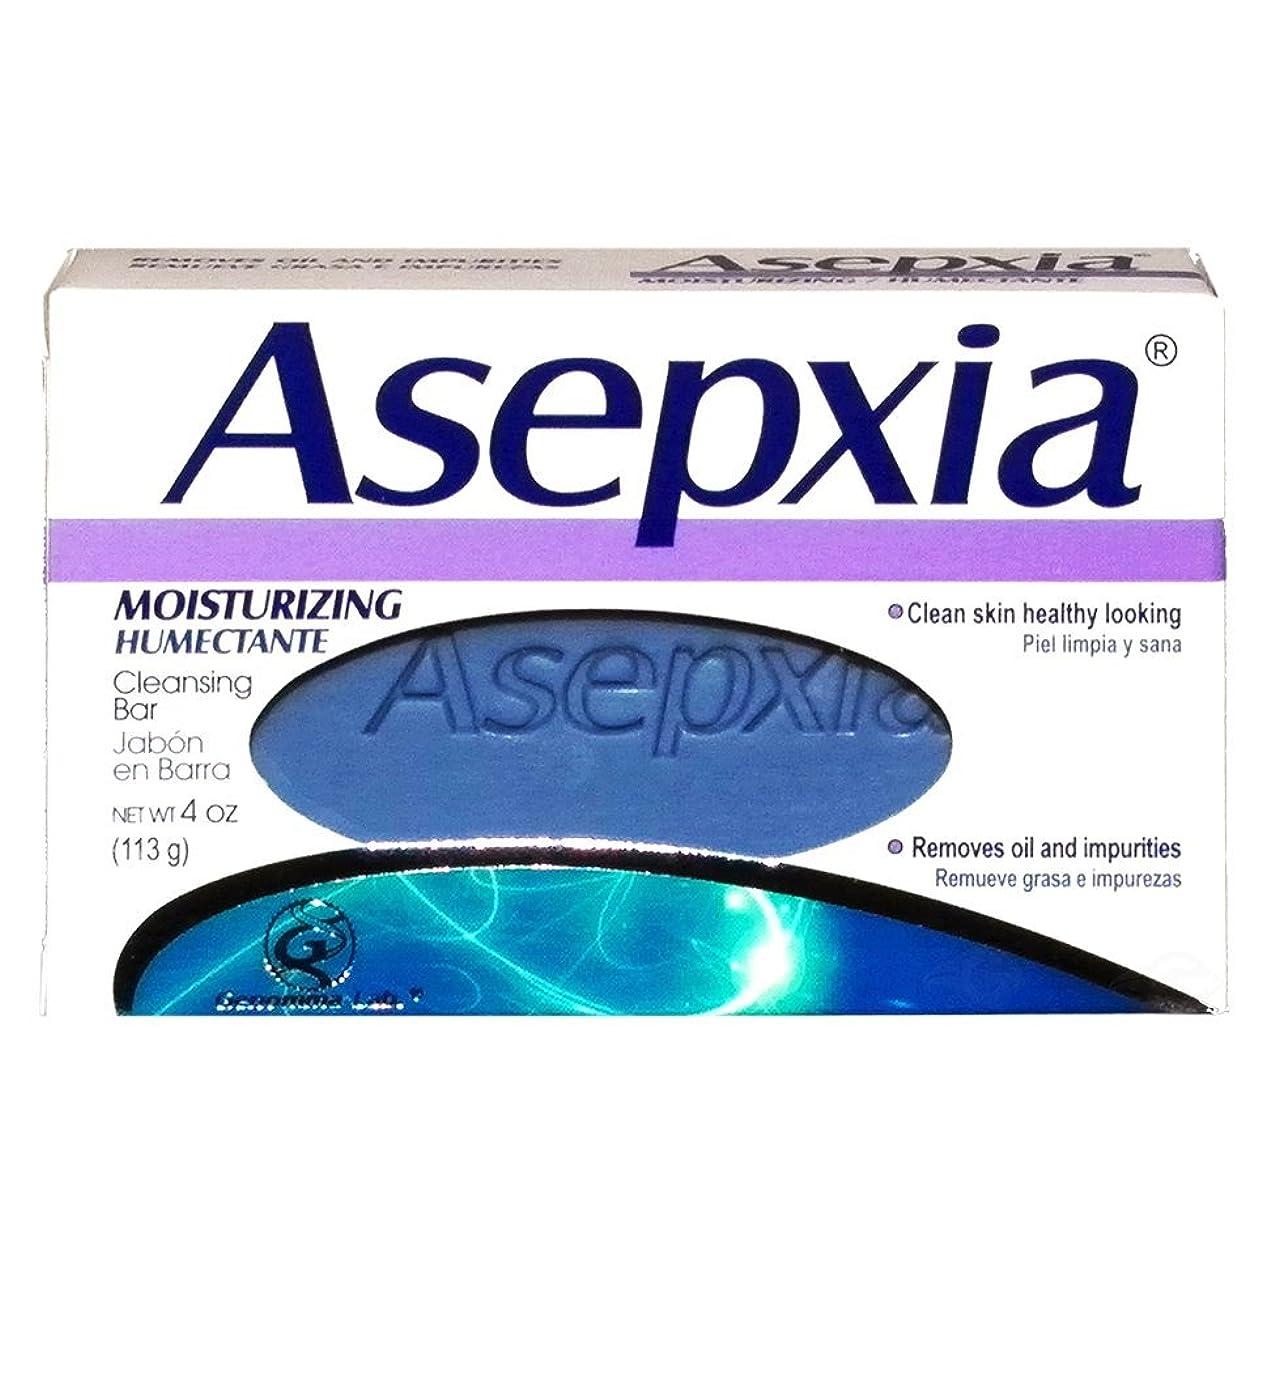 じゃがいもこの告白Asepxia Moisturizing Soap 3.53 oz - Jabon Humectante by Asepxia [並行輸入品]